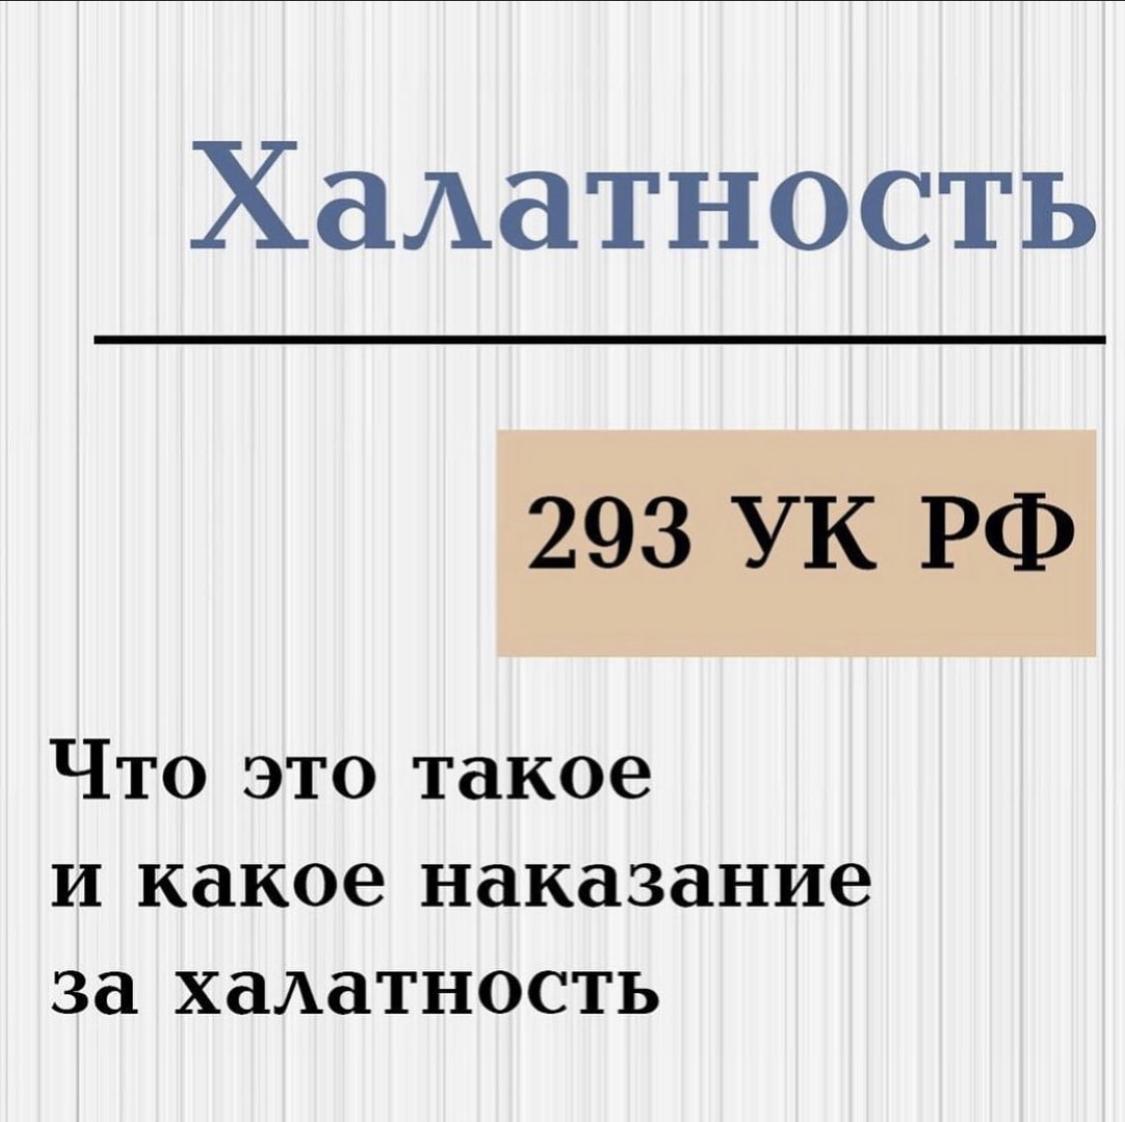 ХАЛАТНОСТЬ. СТАТЬЯ 293 УК РФ